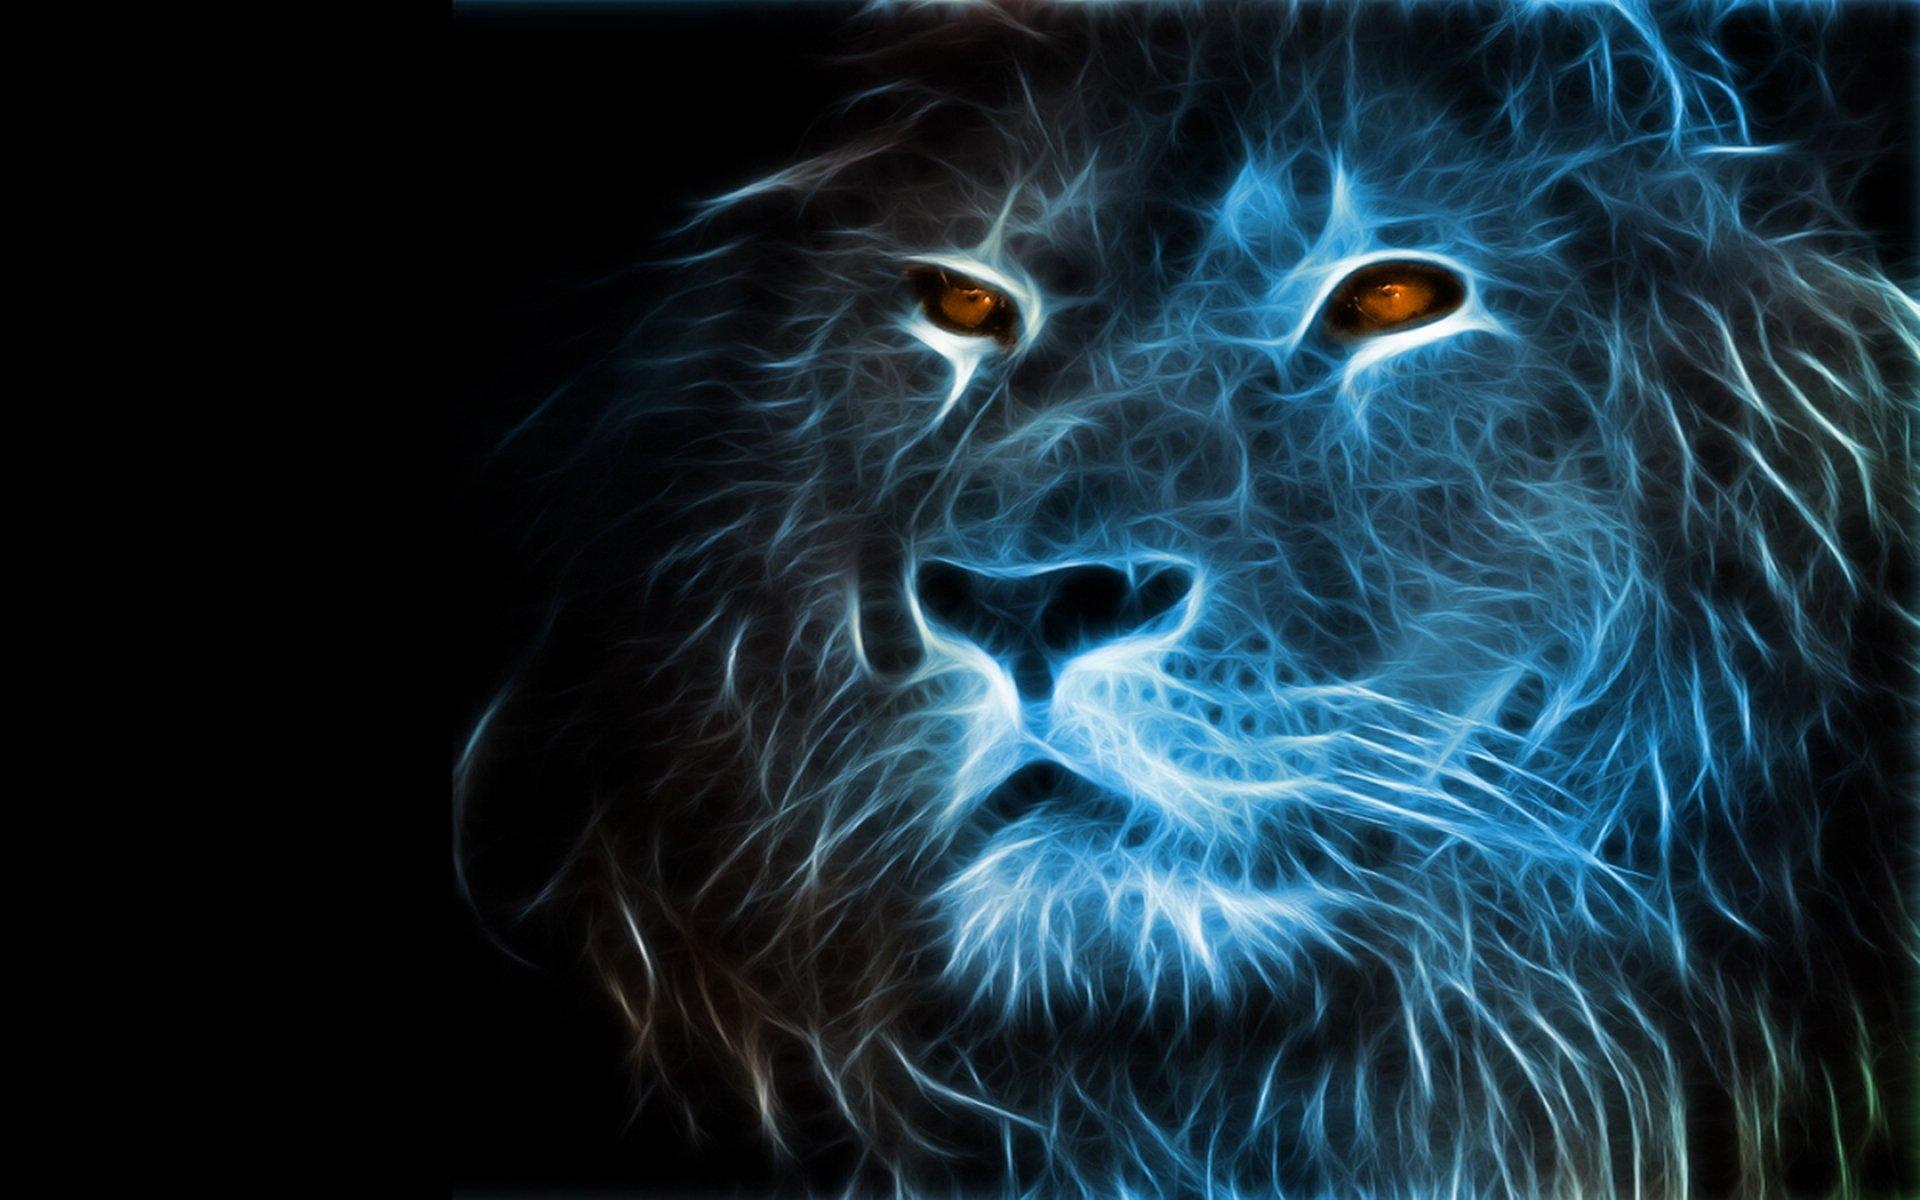 tiger fractal cats e - photo #31